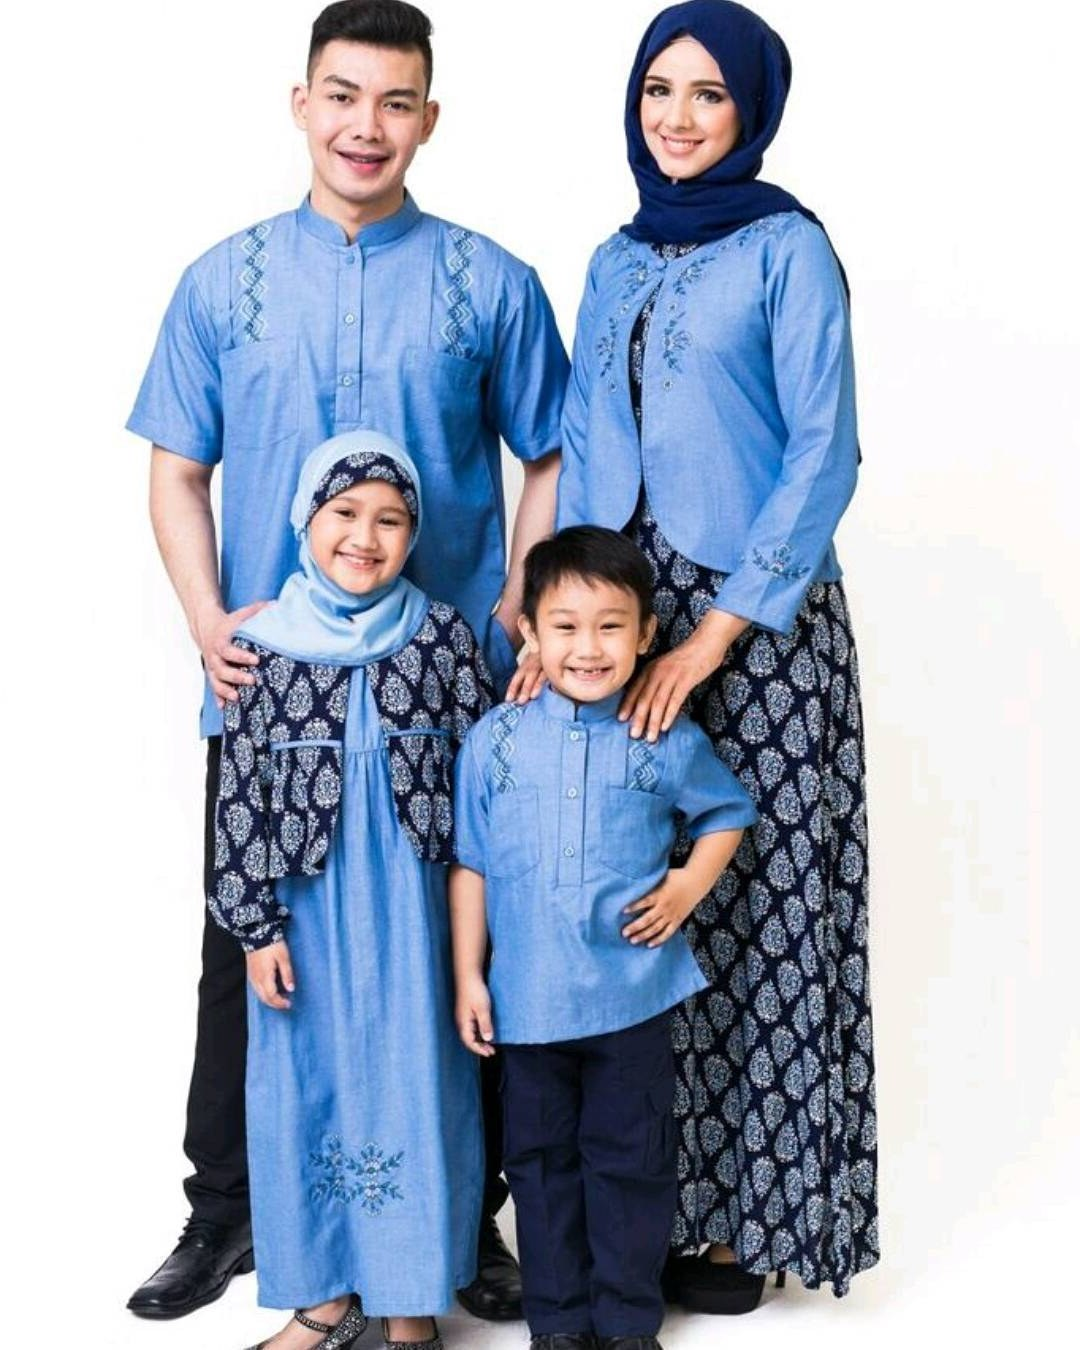 Bentuk Baju Lebaran Keluarga Terbaru Bqdd Model Baju Keluarga Untuk Hari Raya Lebaran 2018